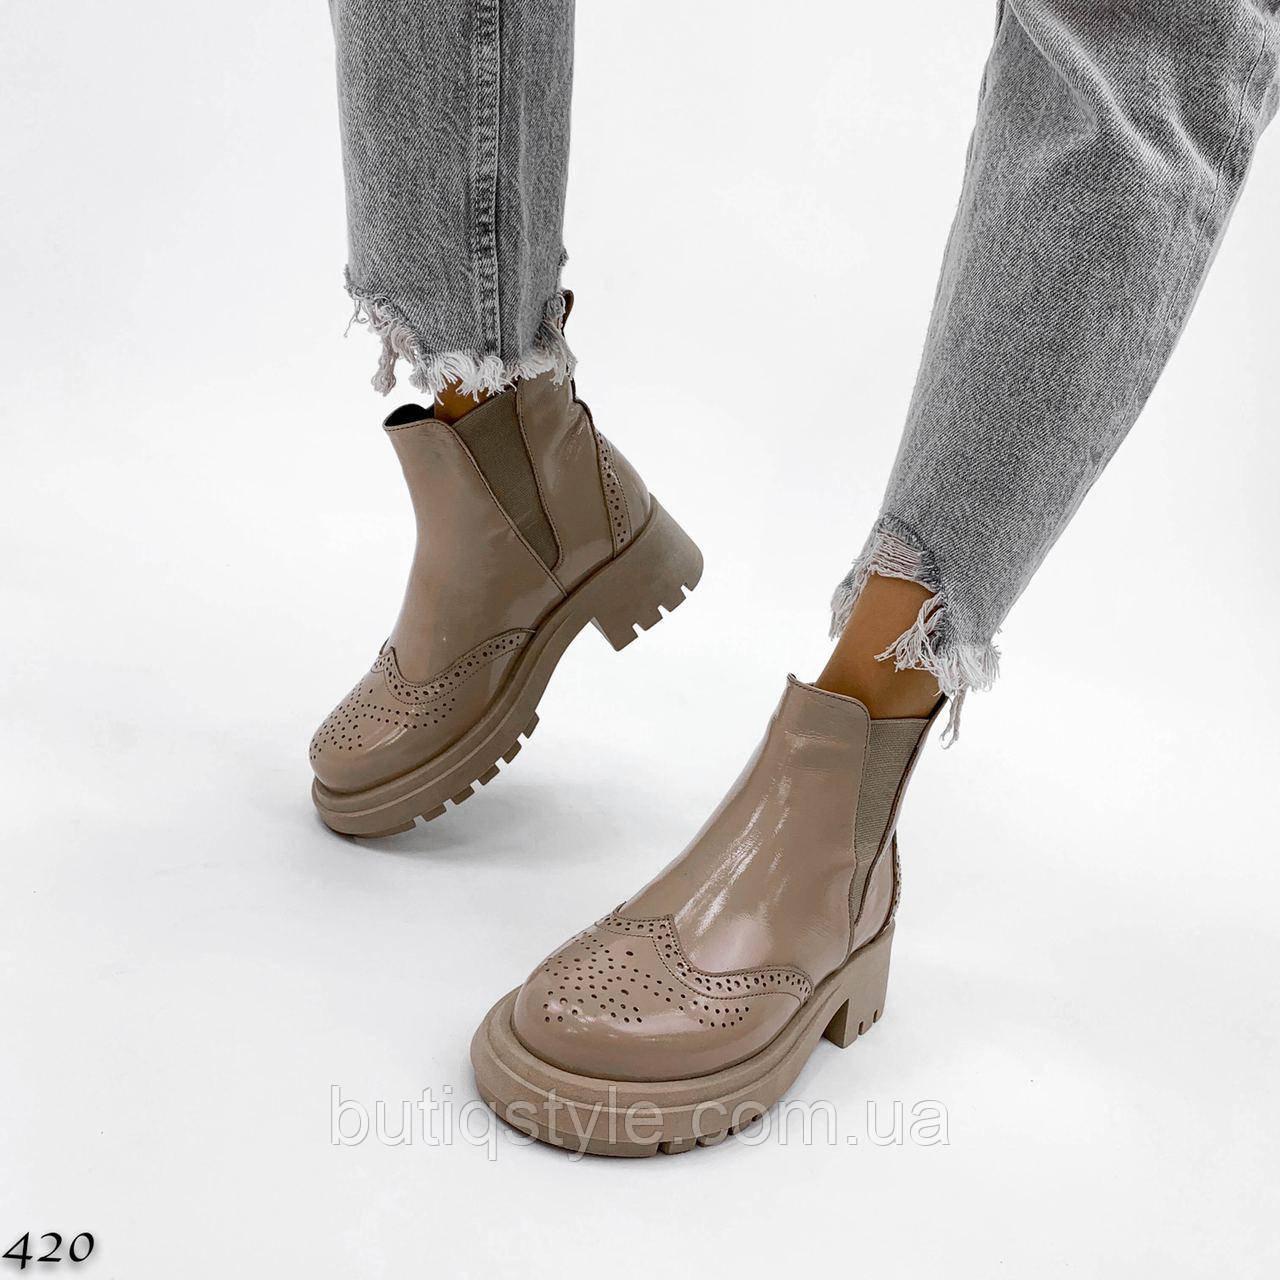 Жіночі бежеві черевики челсі натуральна шкіра Демі